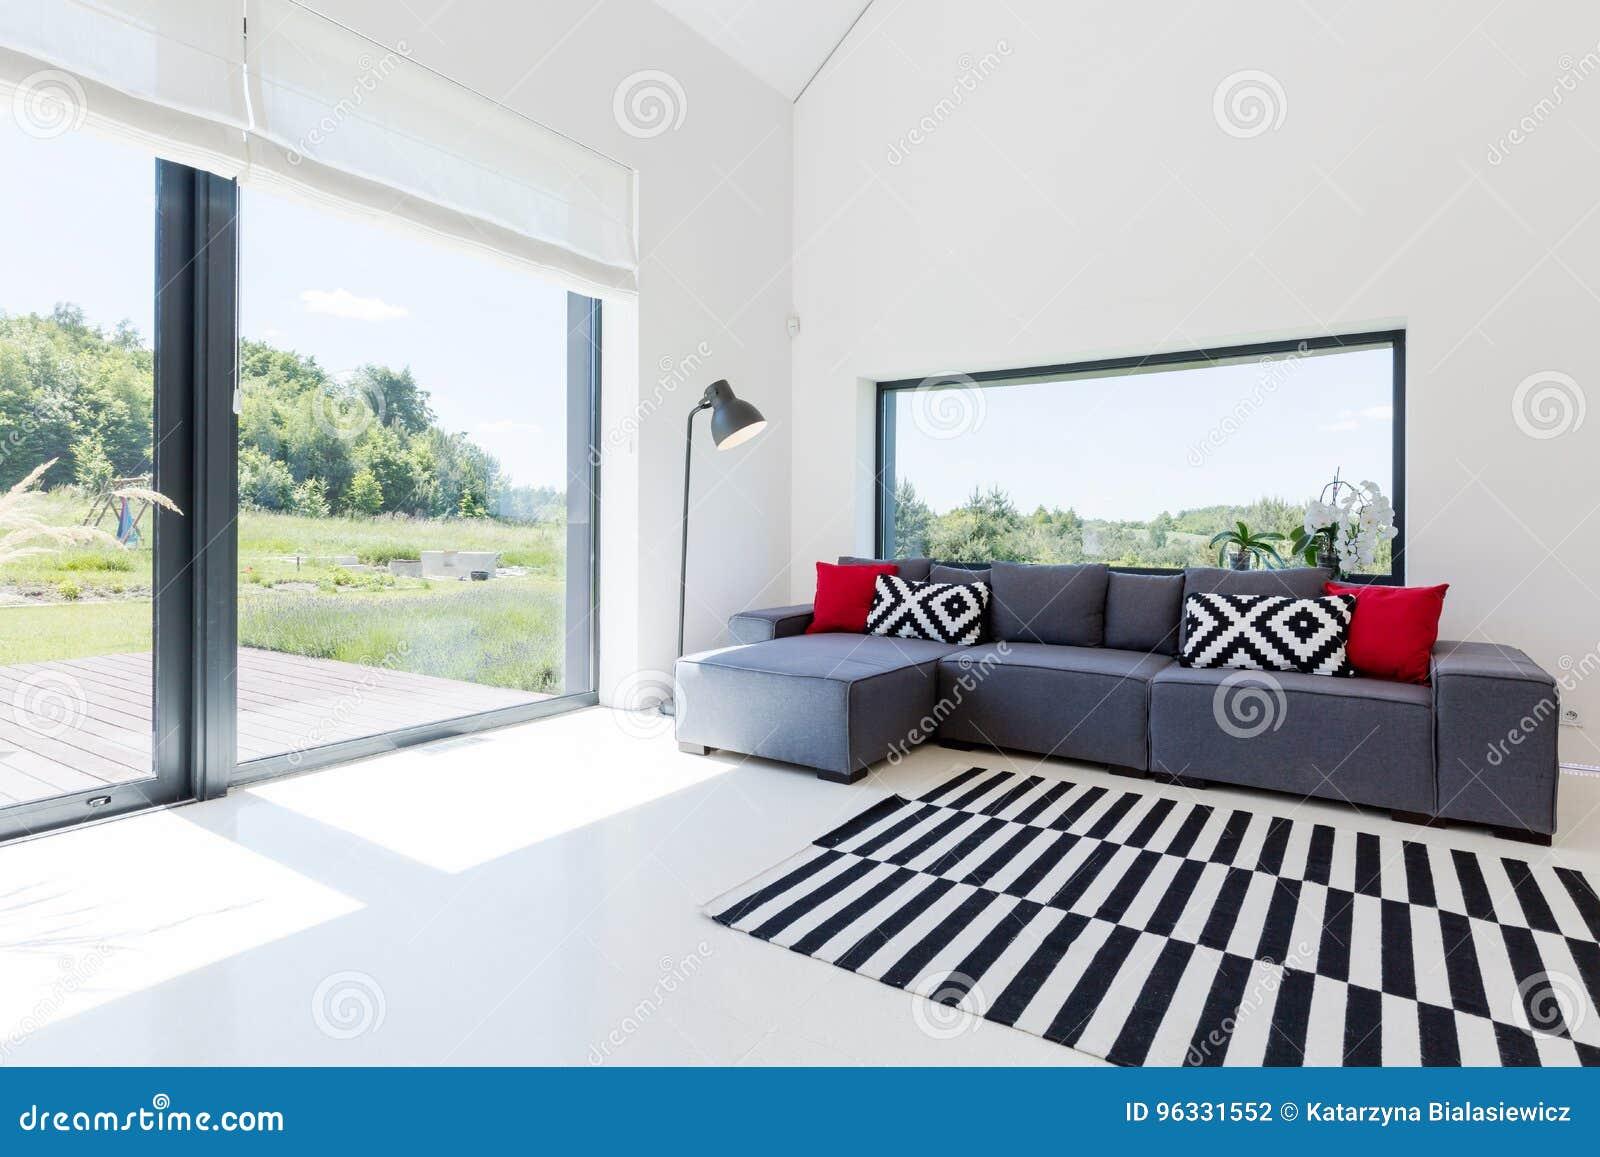 Salon Lumineux Dans La Maison Moderne Photo stock - Image du ...